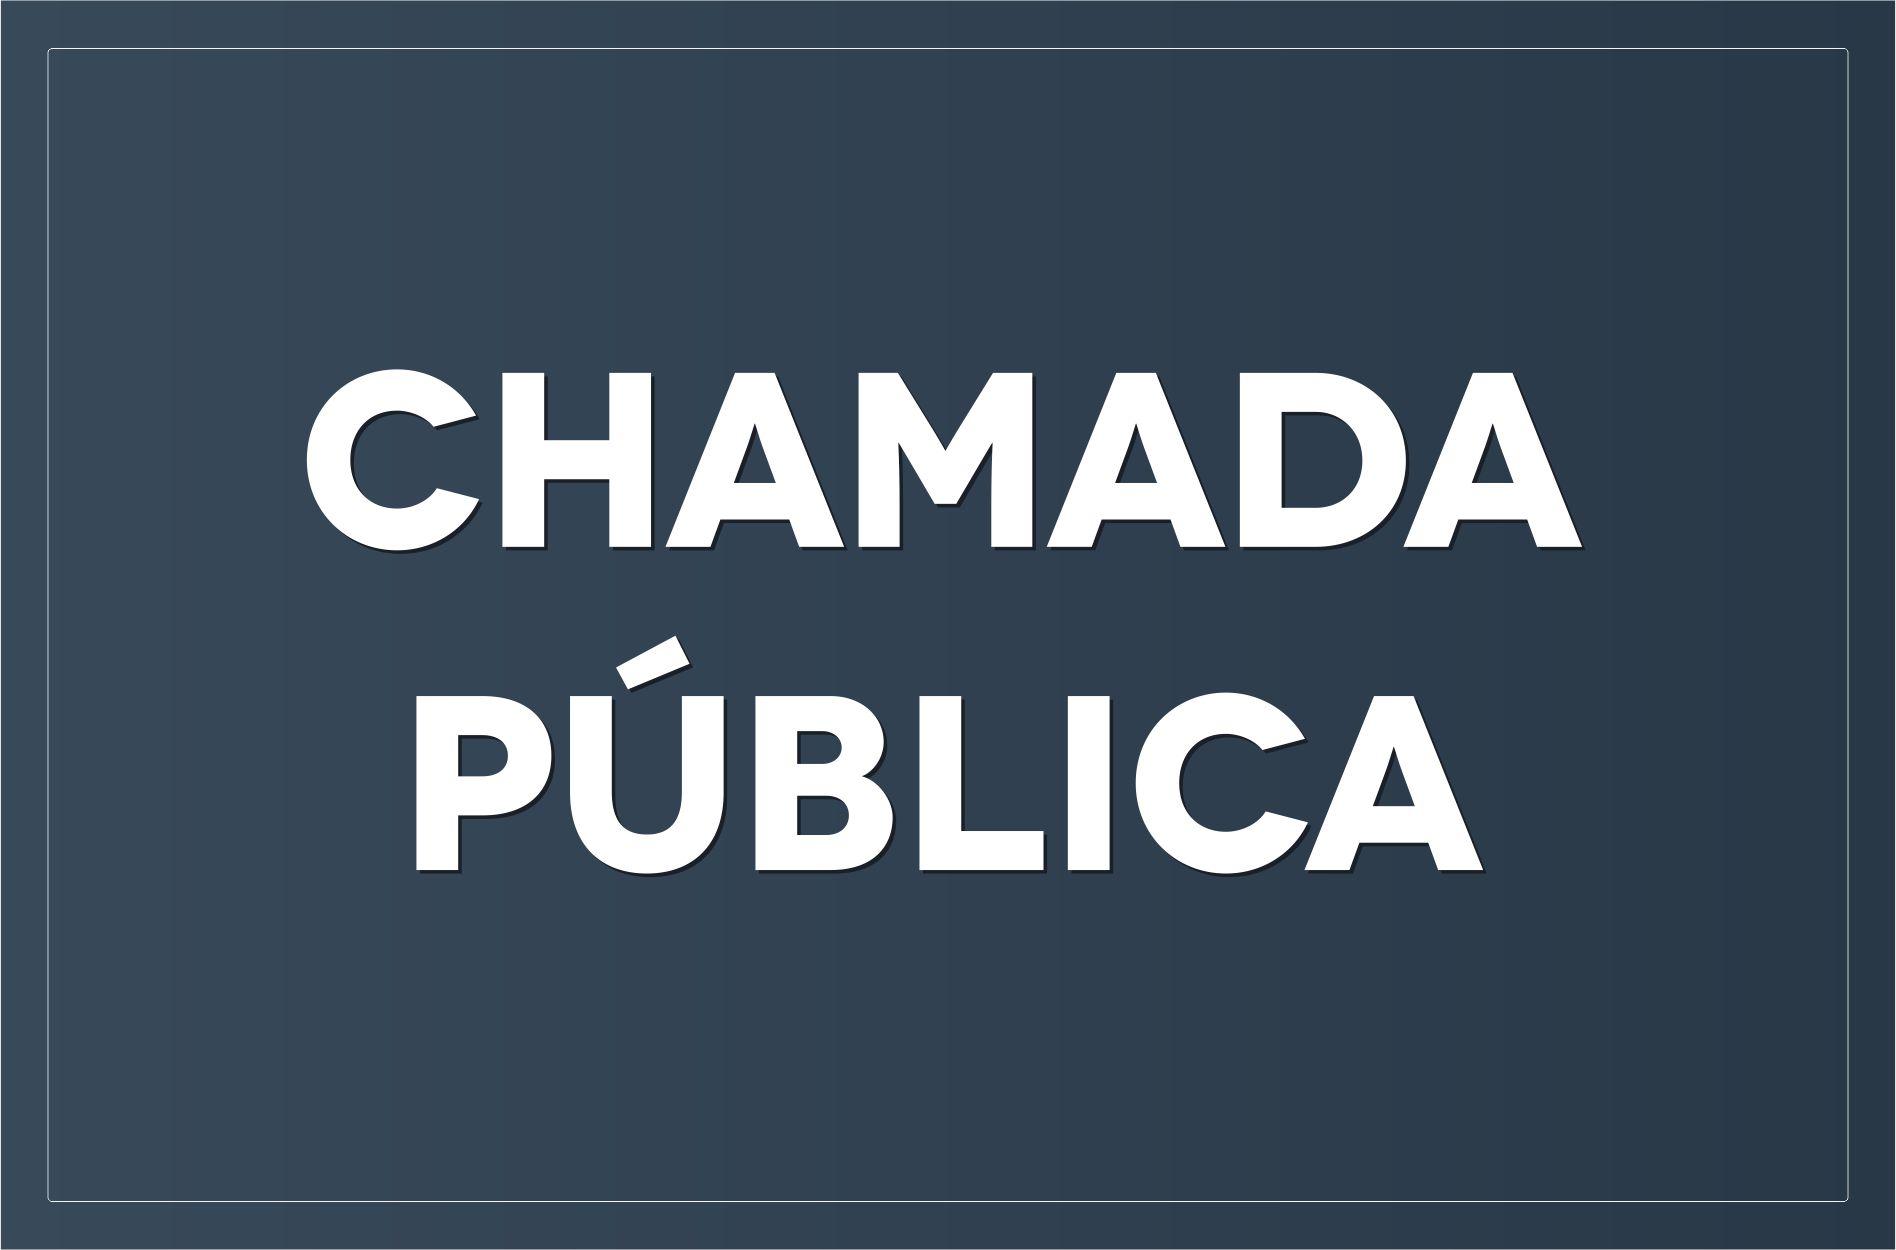 CHAMADA PÚBLICA